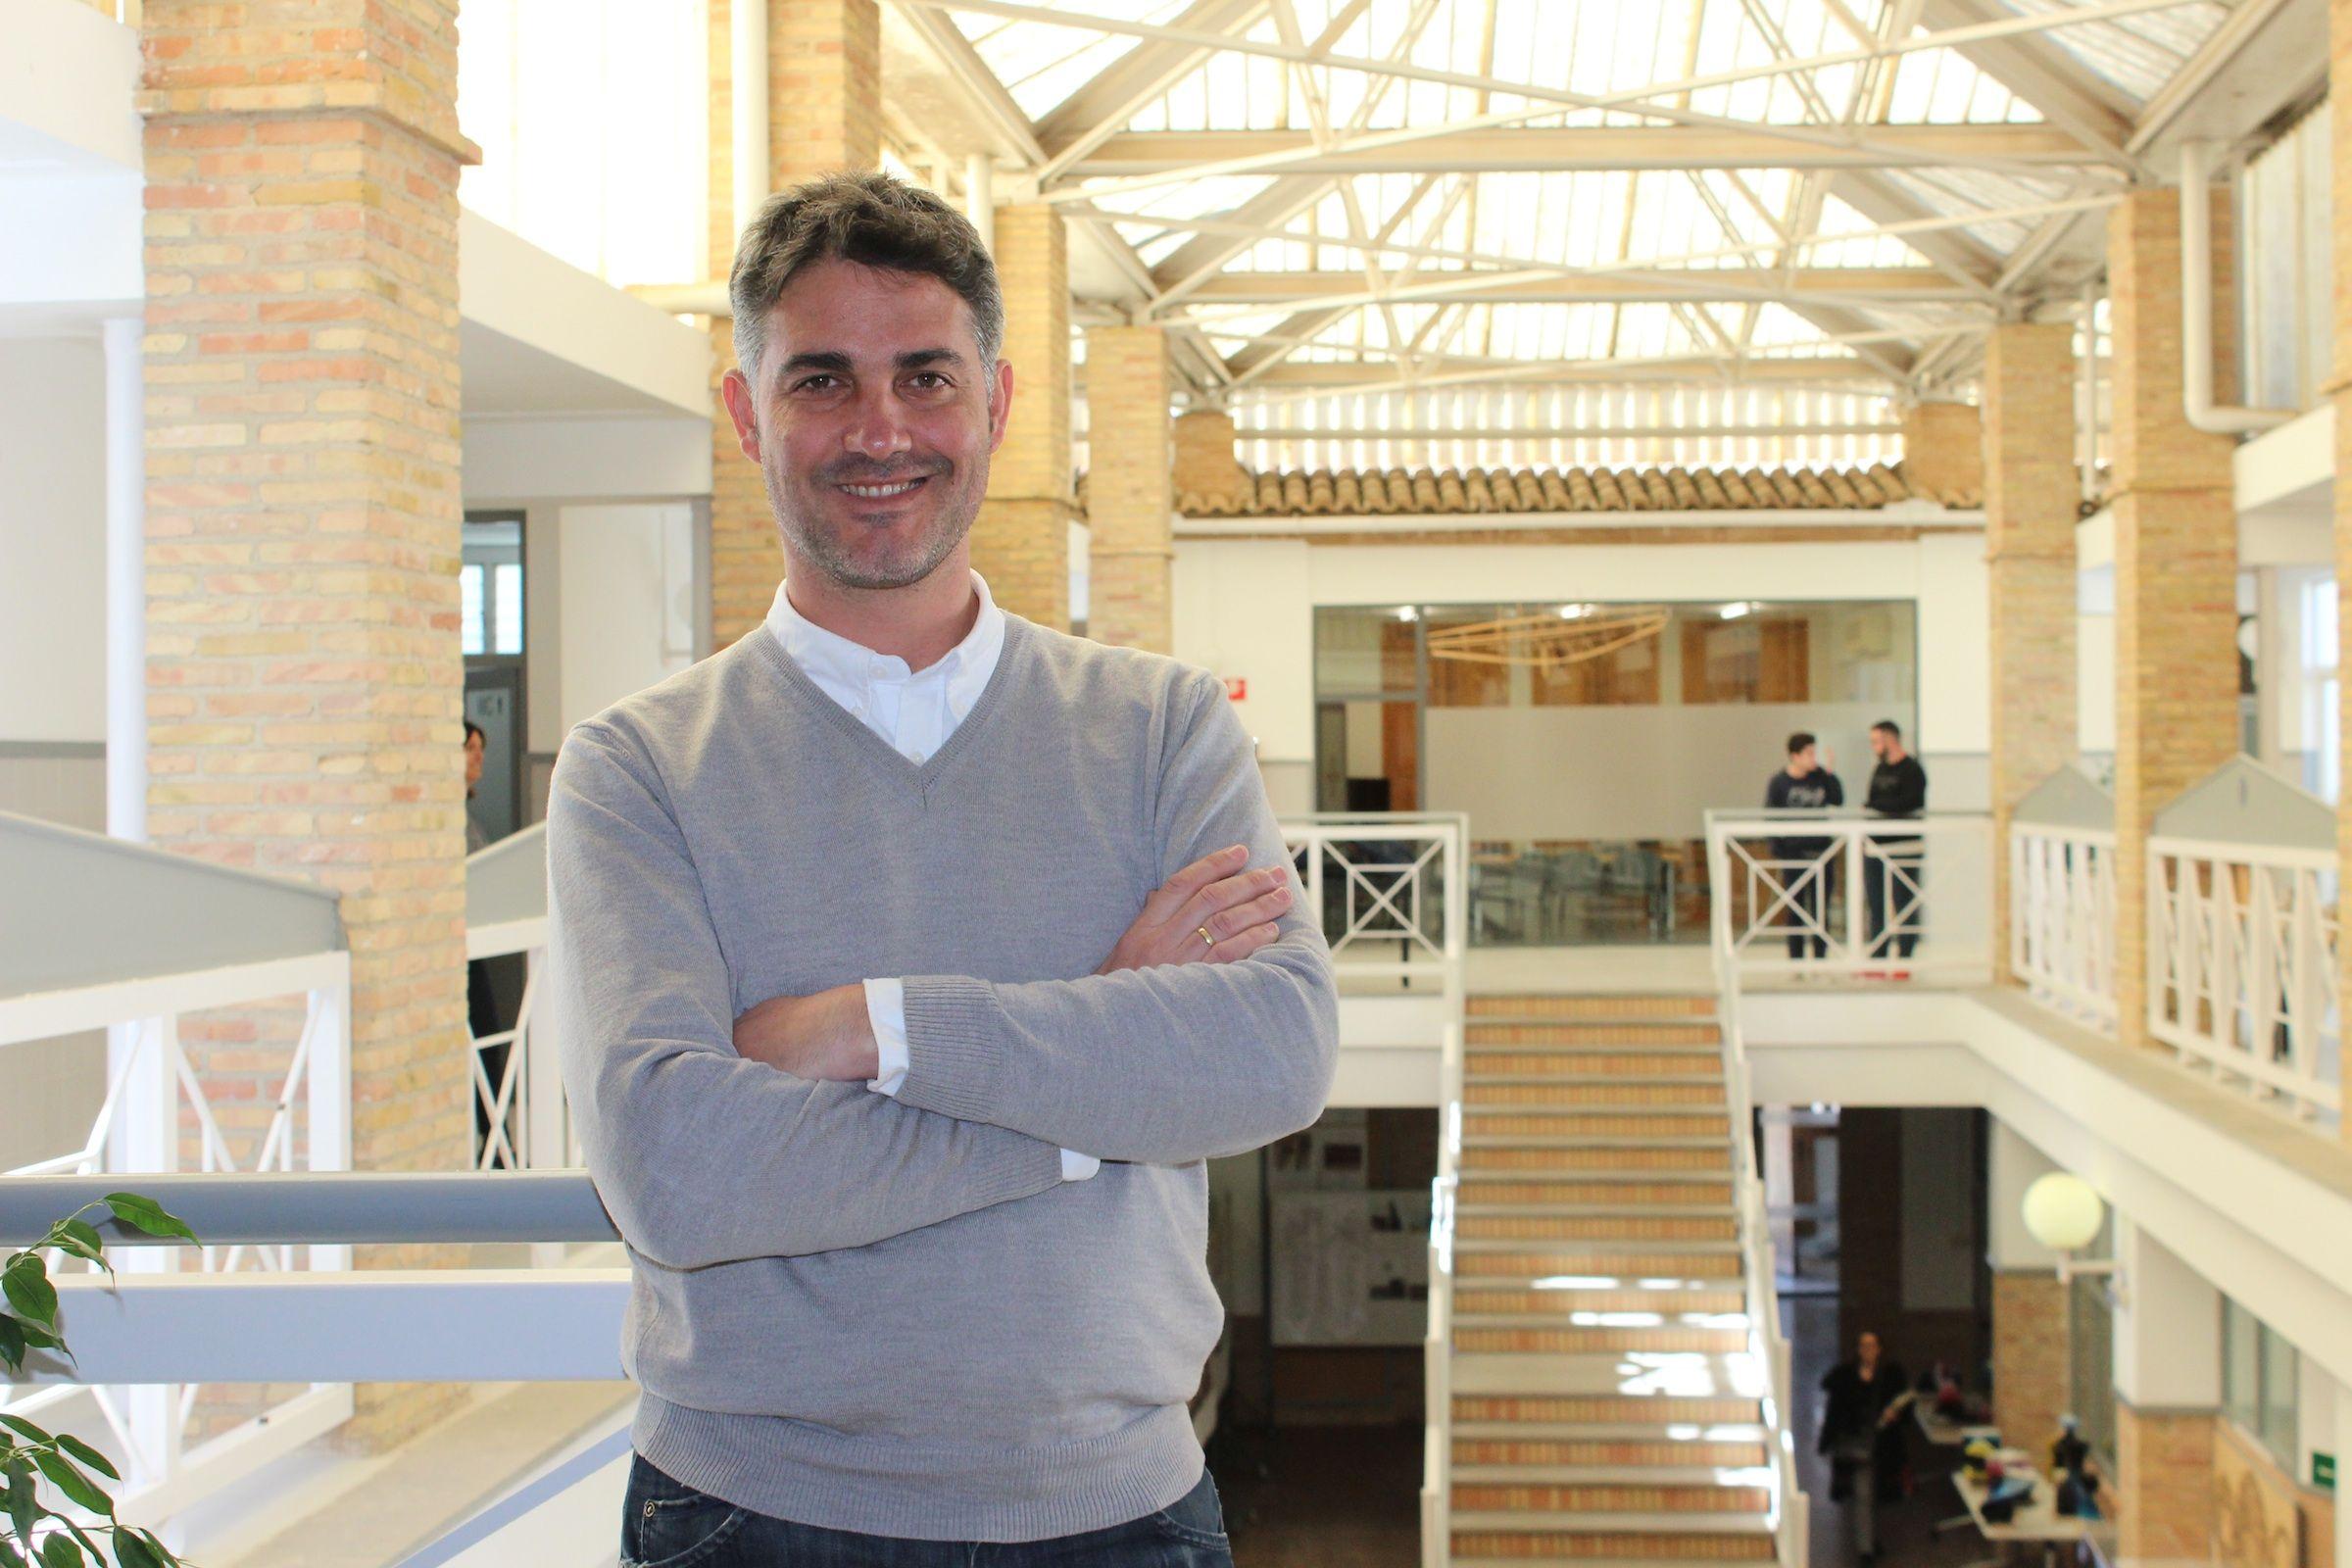 El diseñador Pedro González, en la Escuela de Diseño del CEU donde se formó.